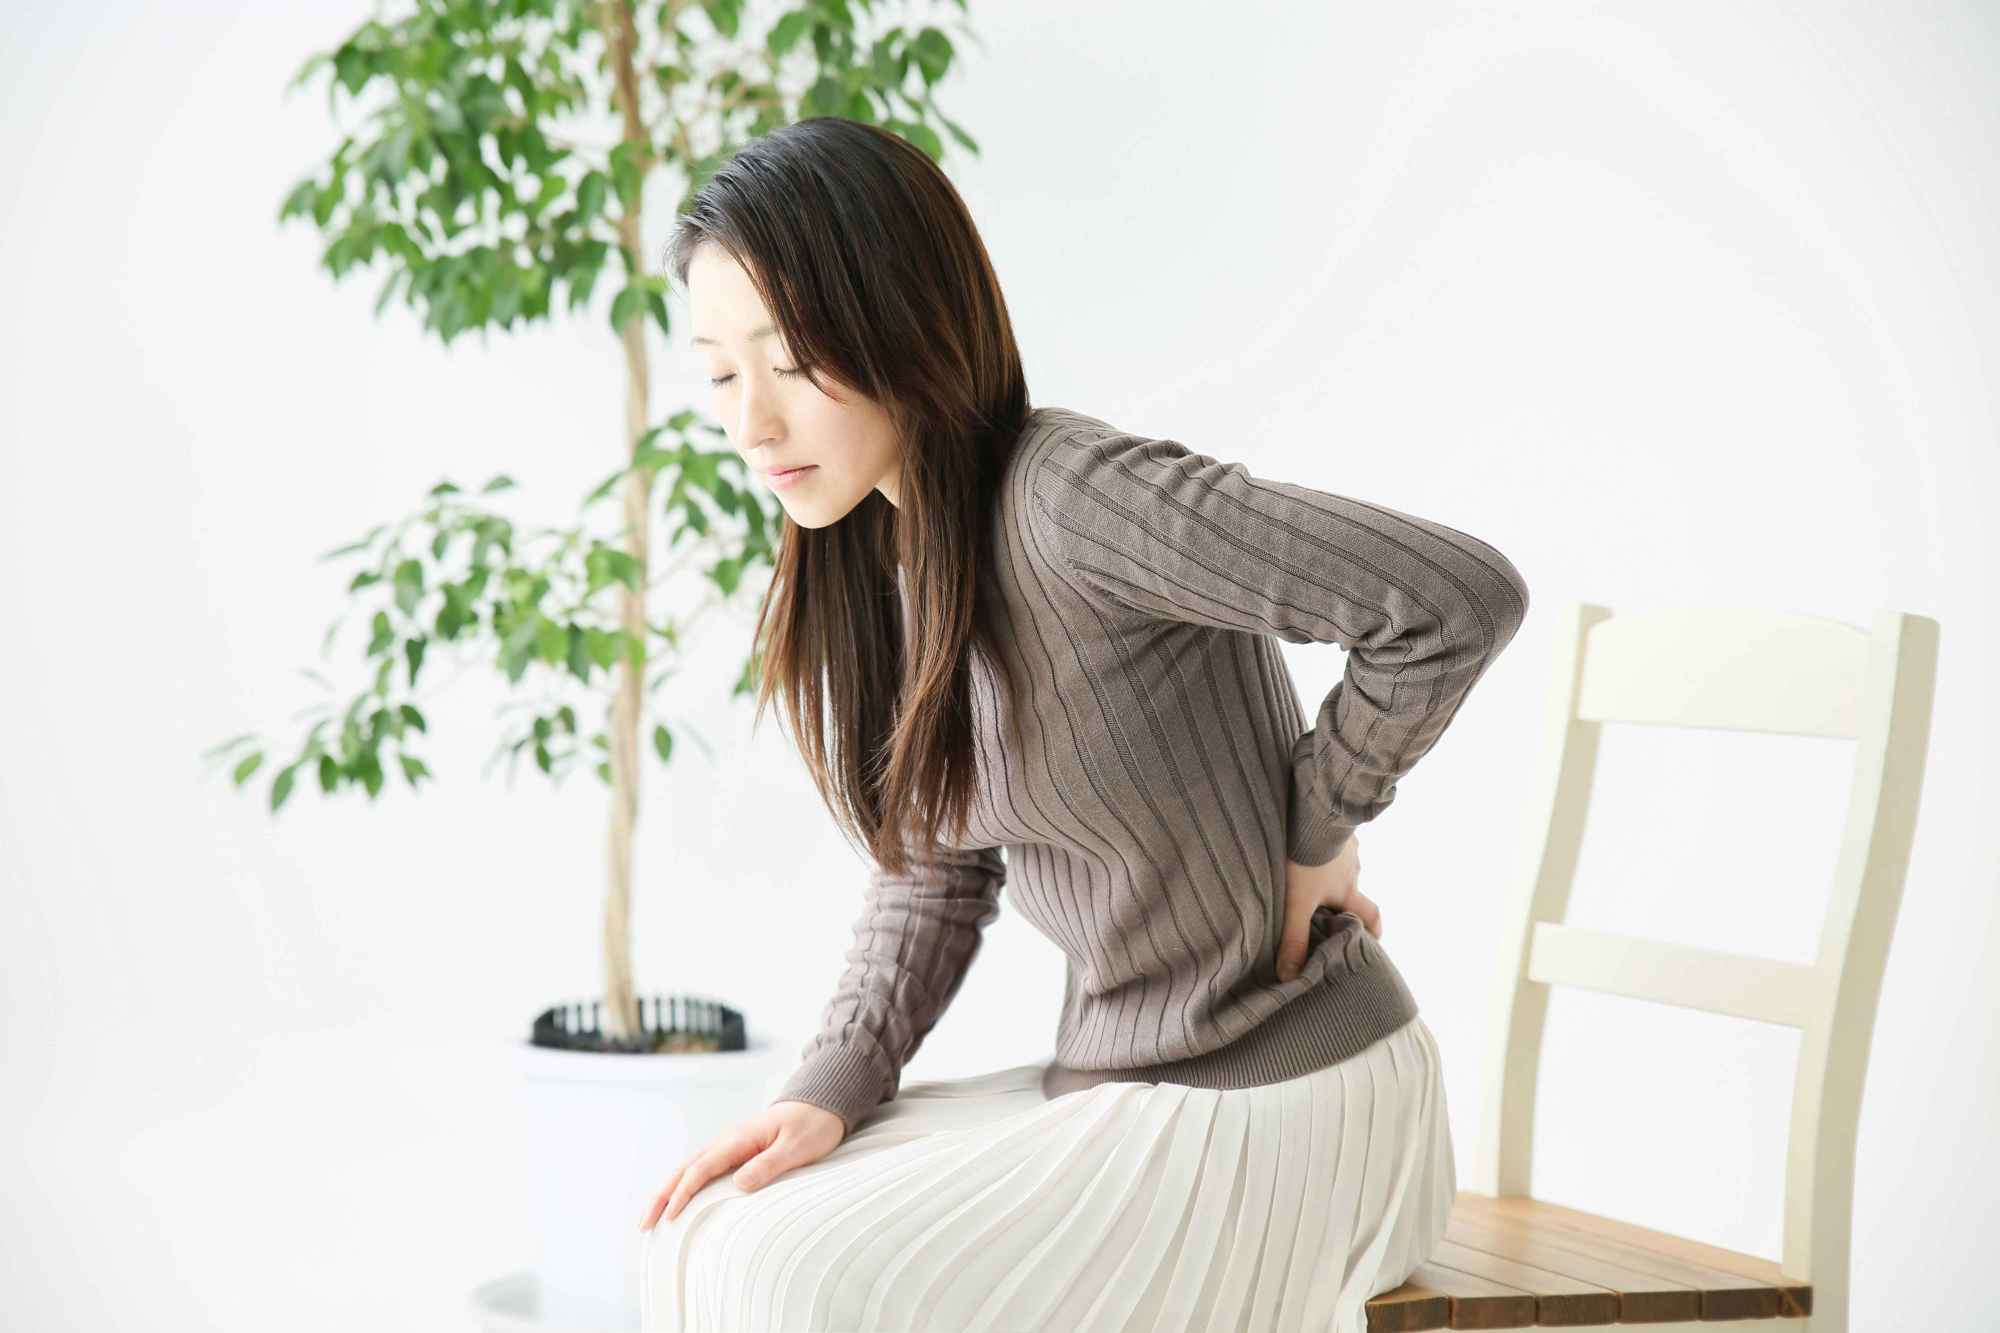 肝郁危机,导致人体寒湿加重、心血管病高发,怎么防好